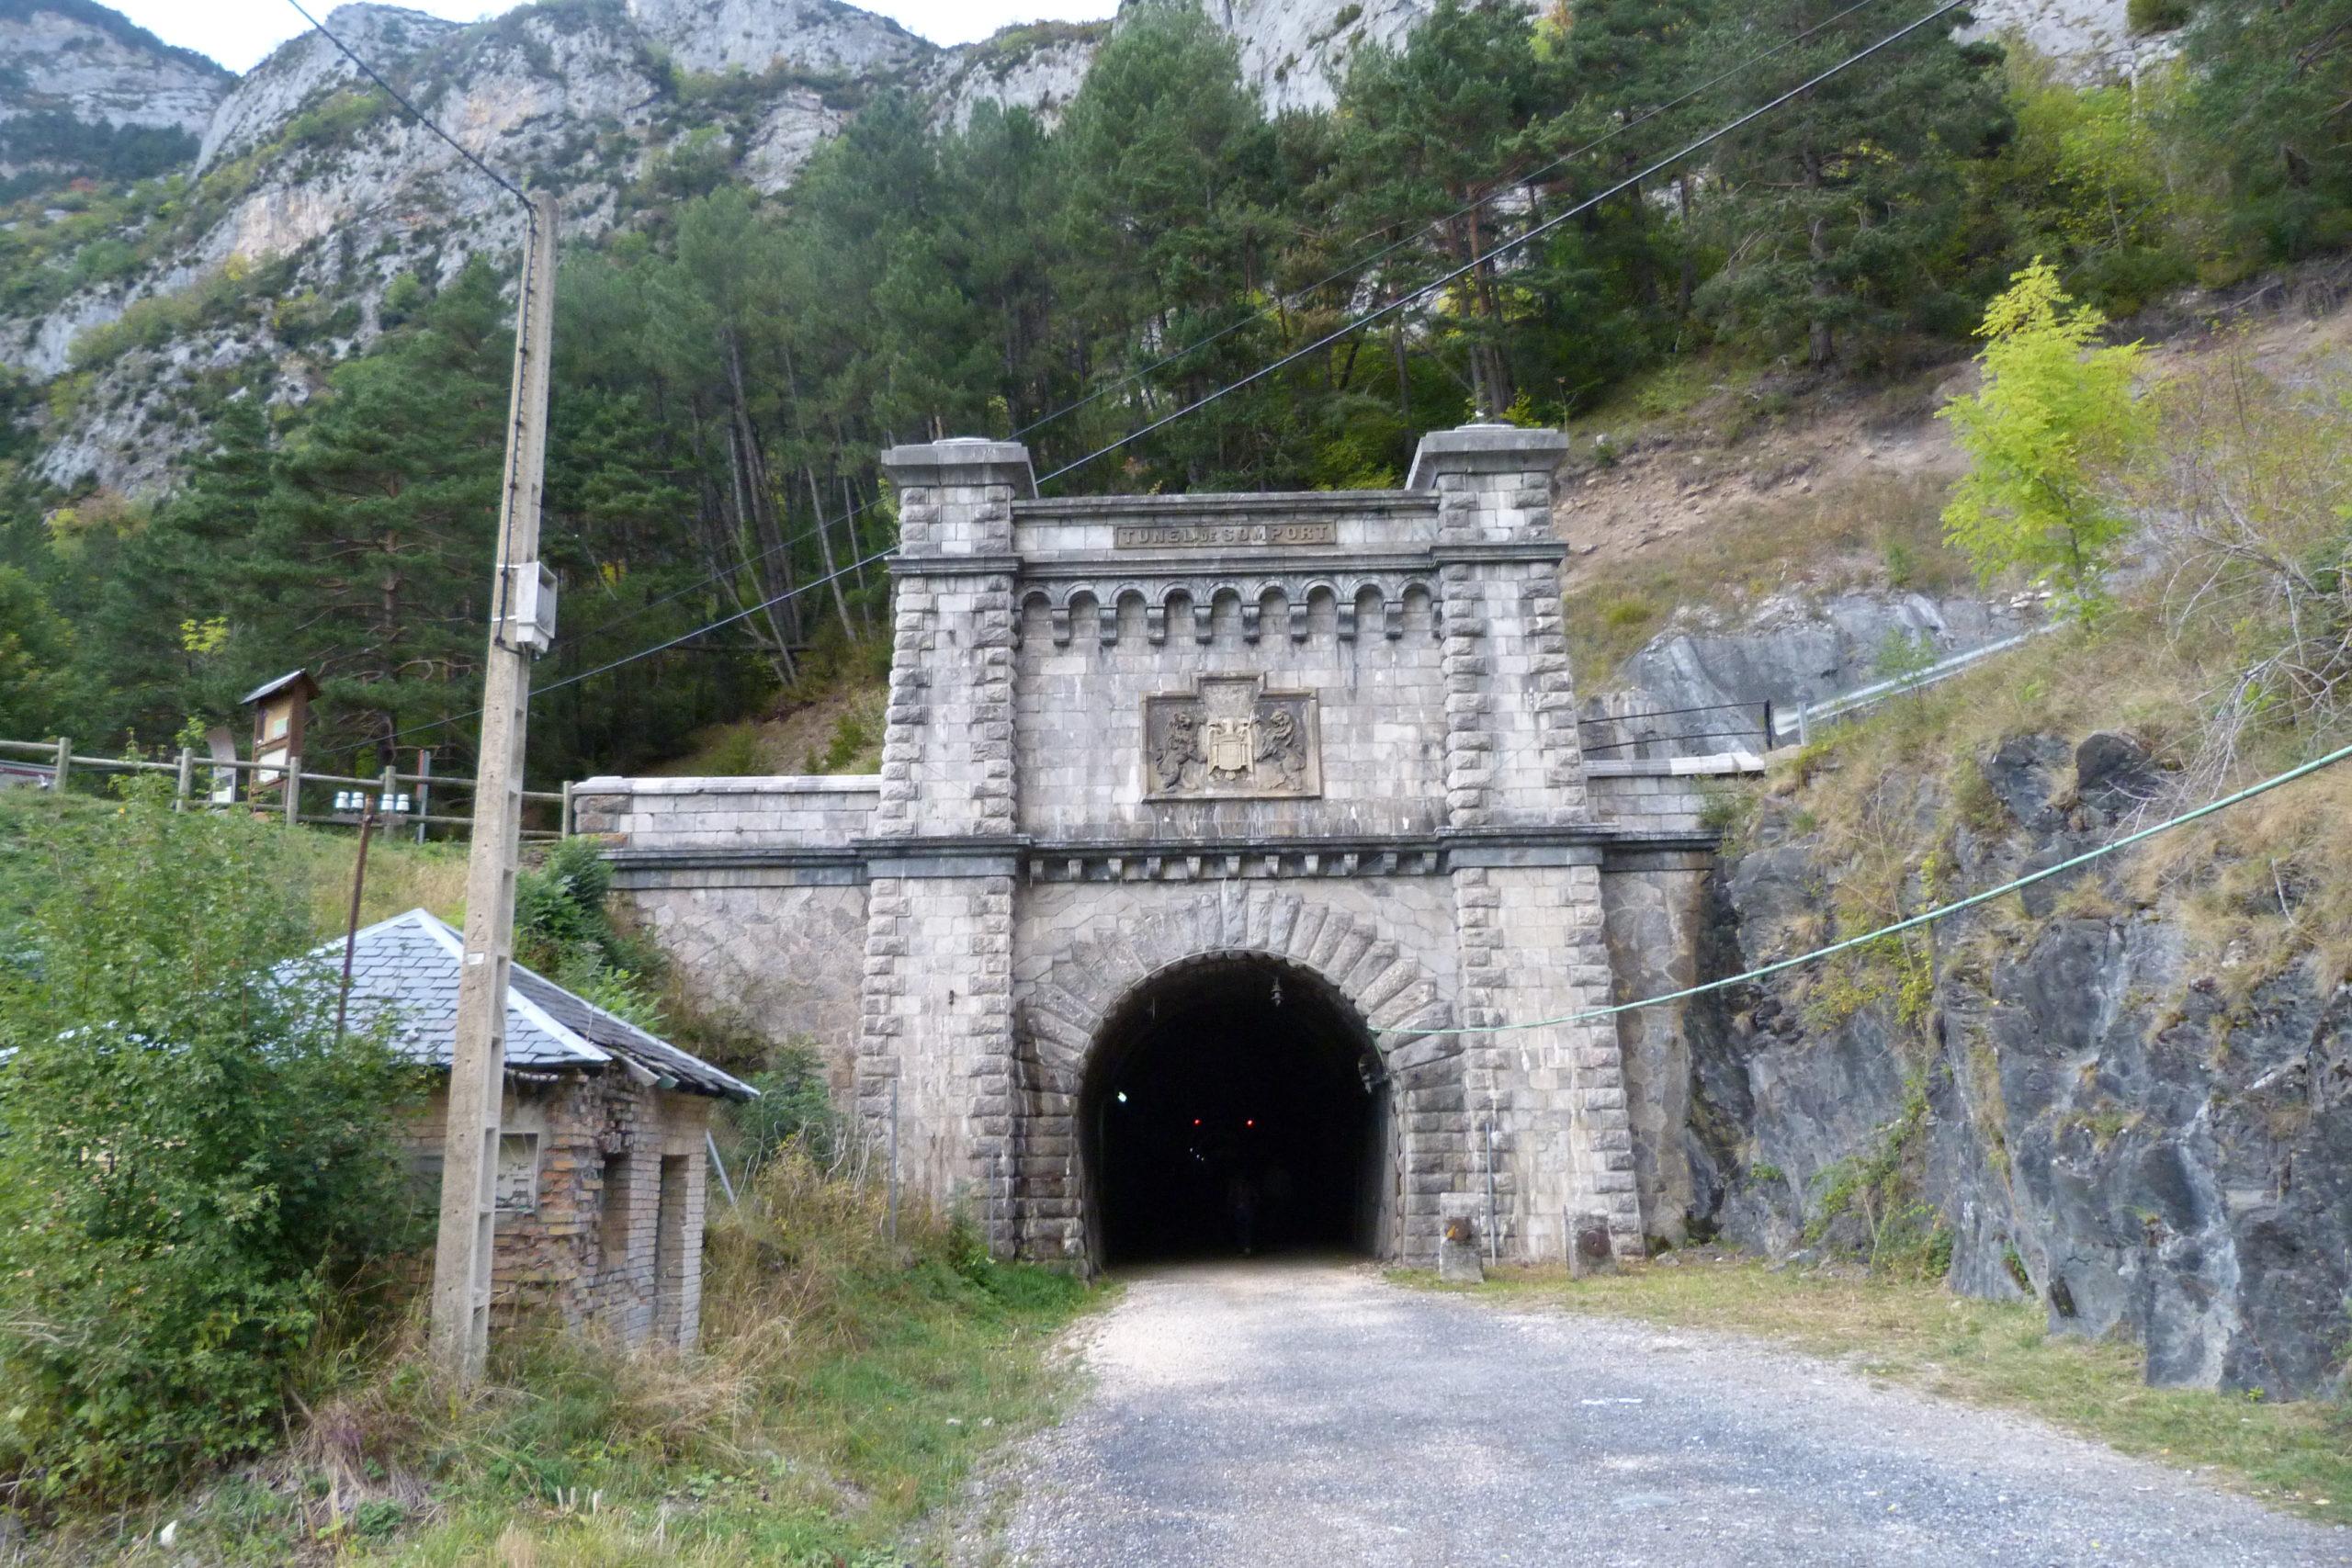 2,8 millones de euros de la Unión Europea para el túnel  de Somport